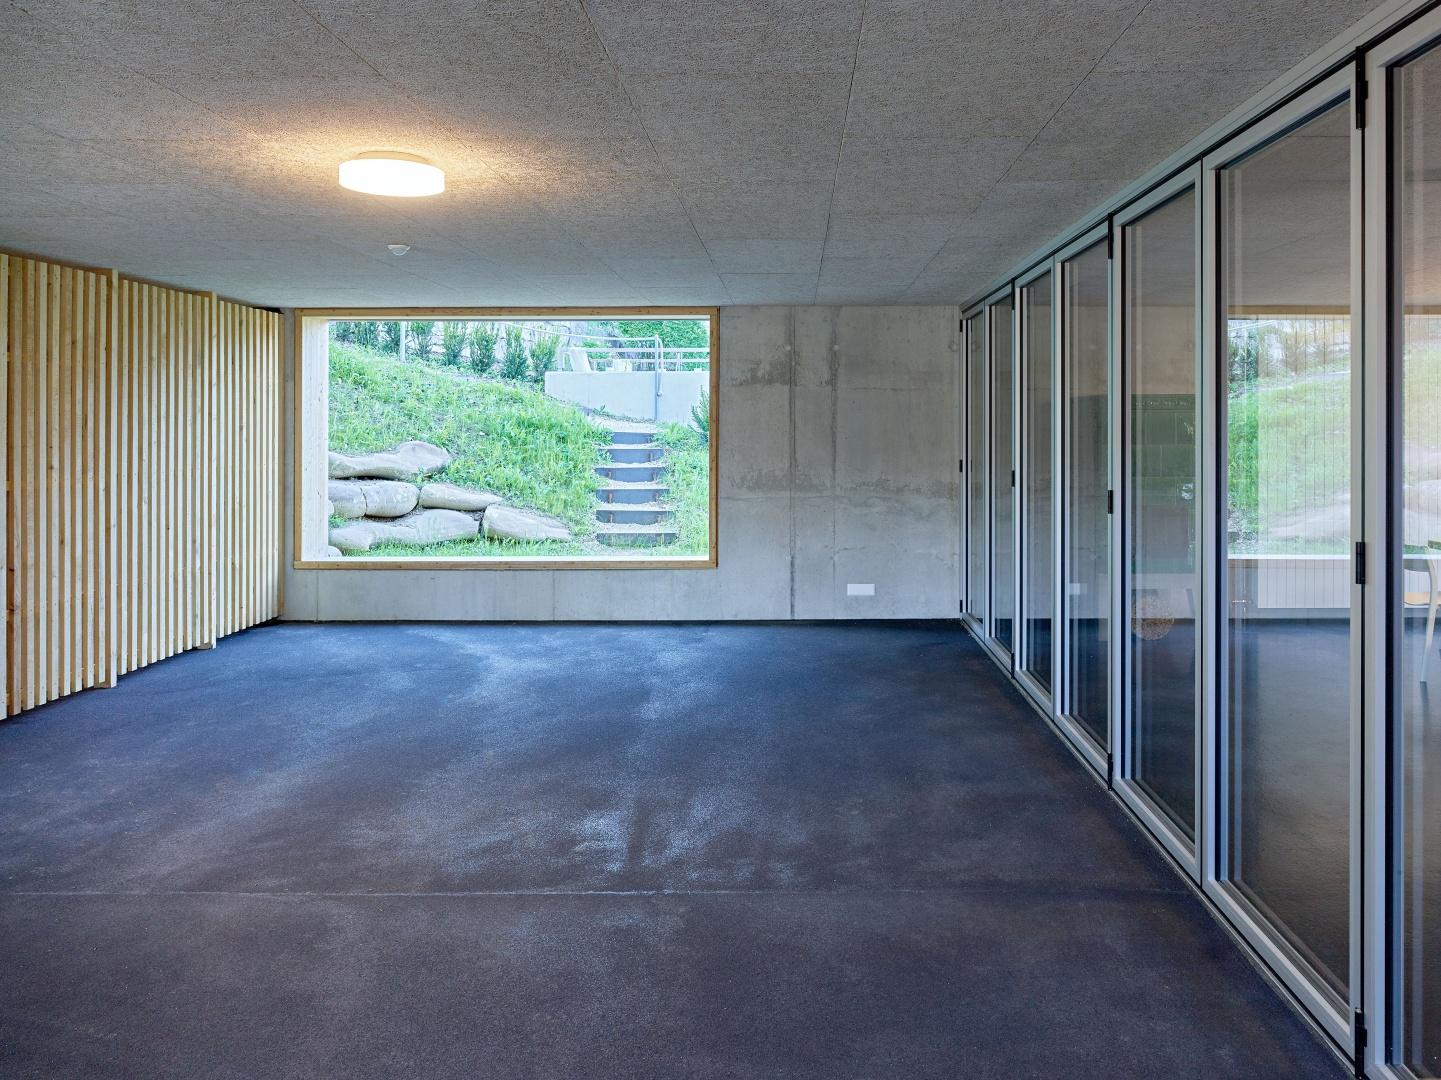 Gedeckter Aussenbereich - Gemeinschaftsraum © Fotograf: Arnold Kohler